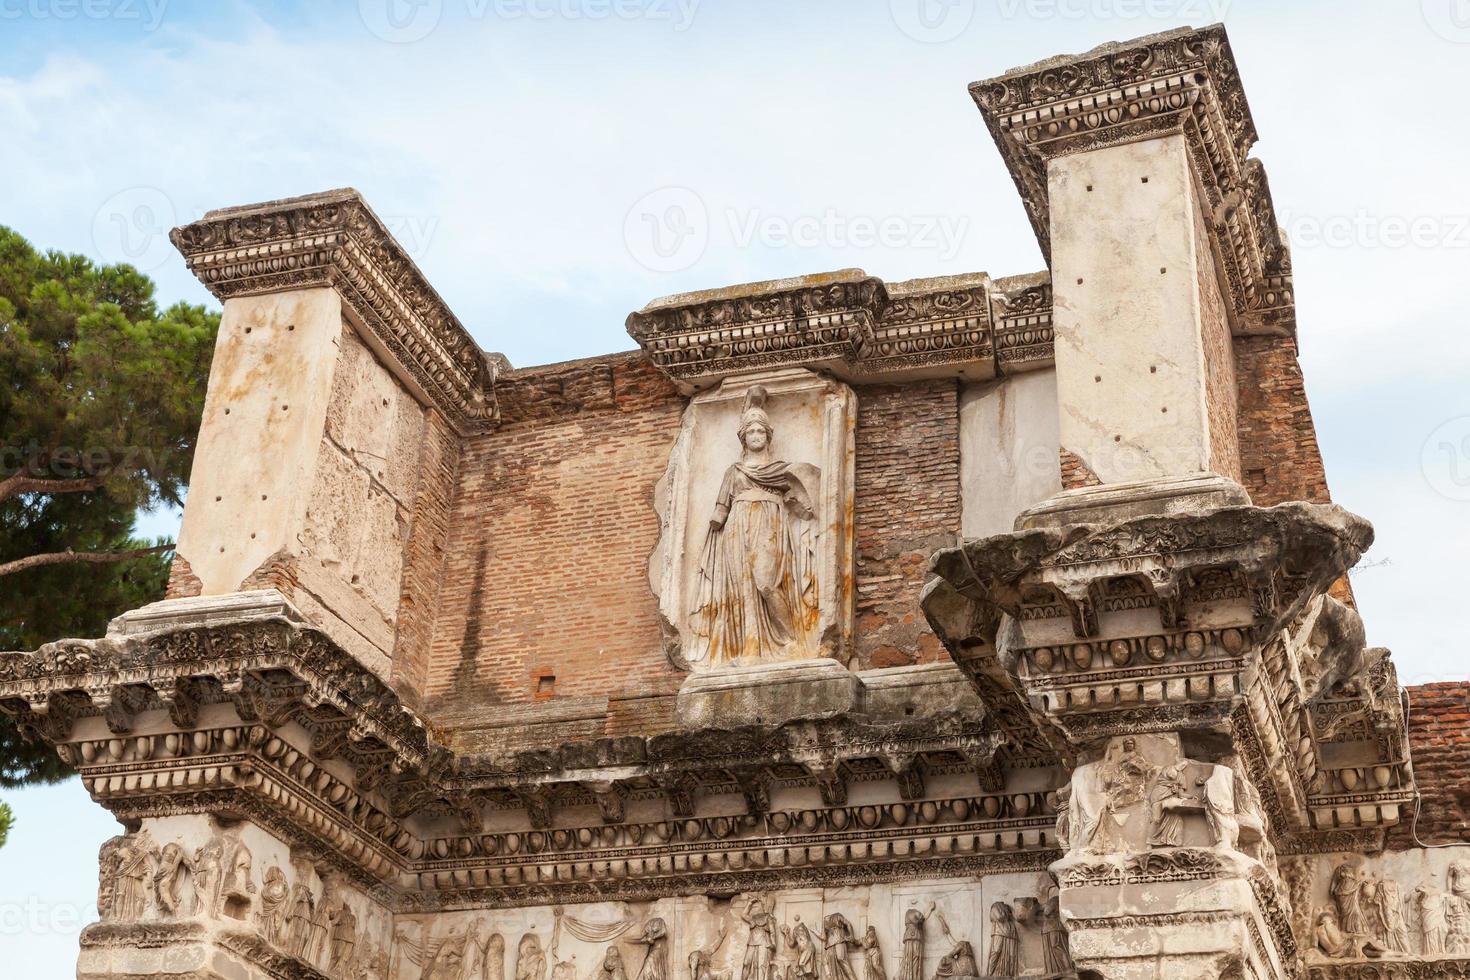 restos del templo de minerva, roma, italia foto